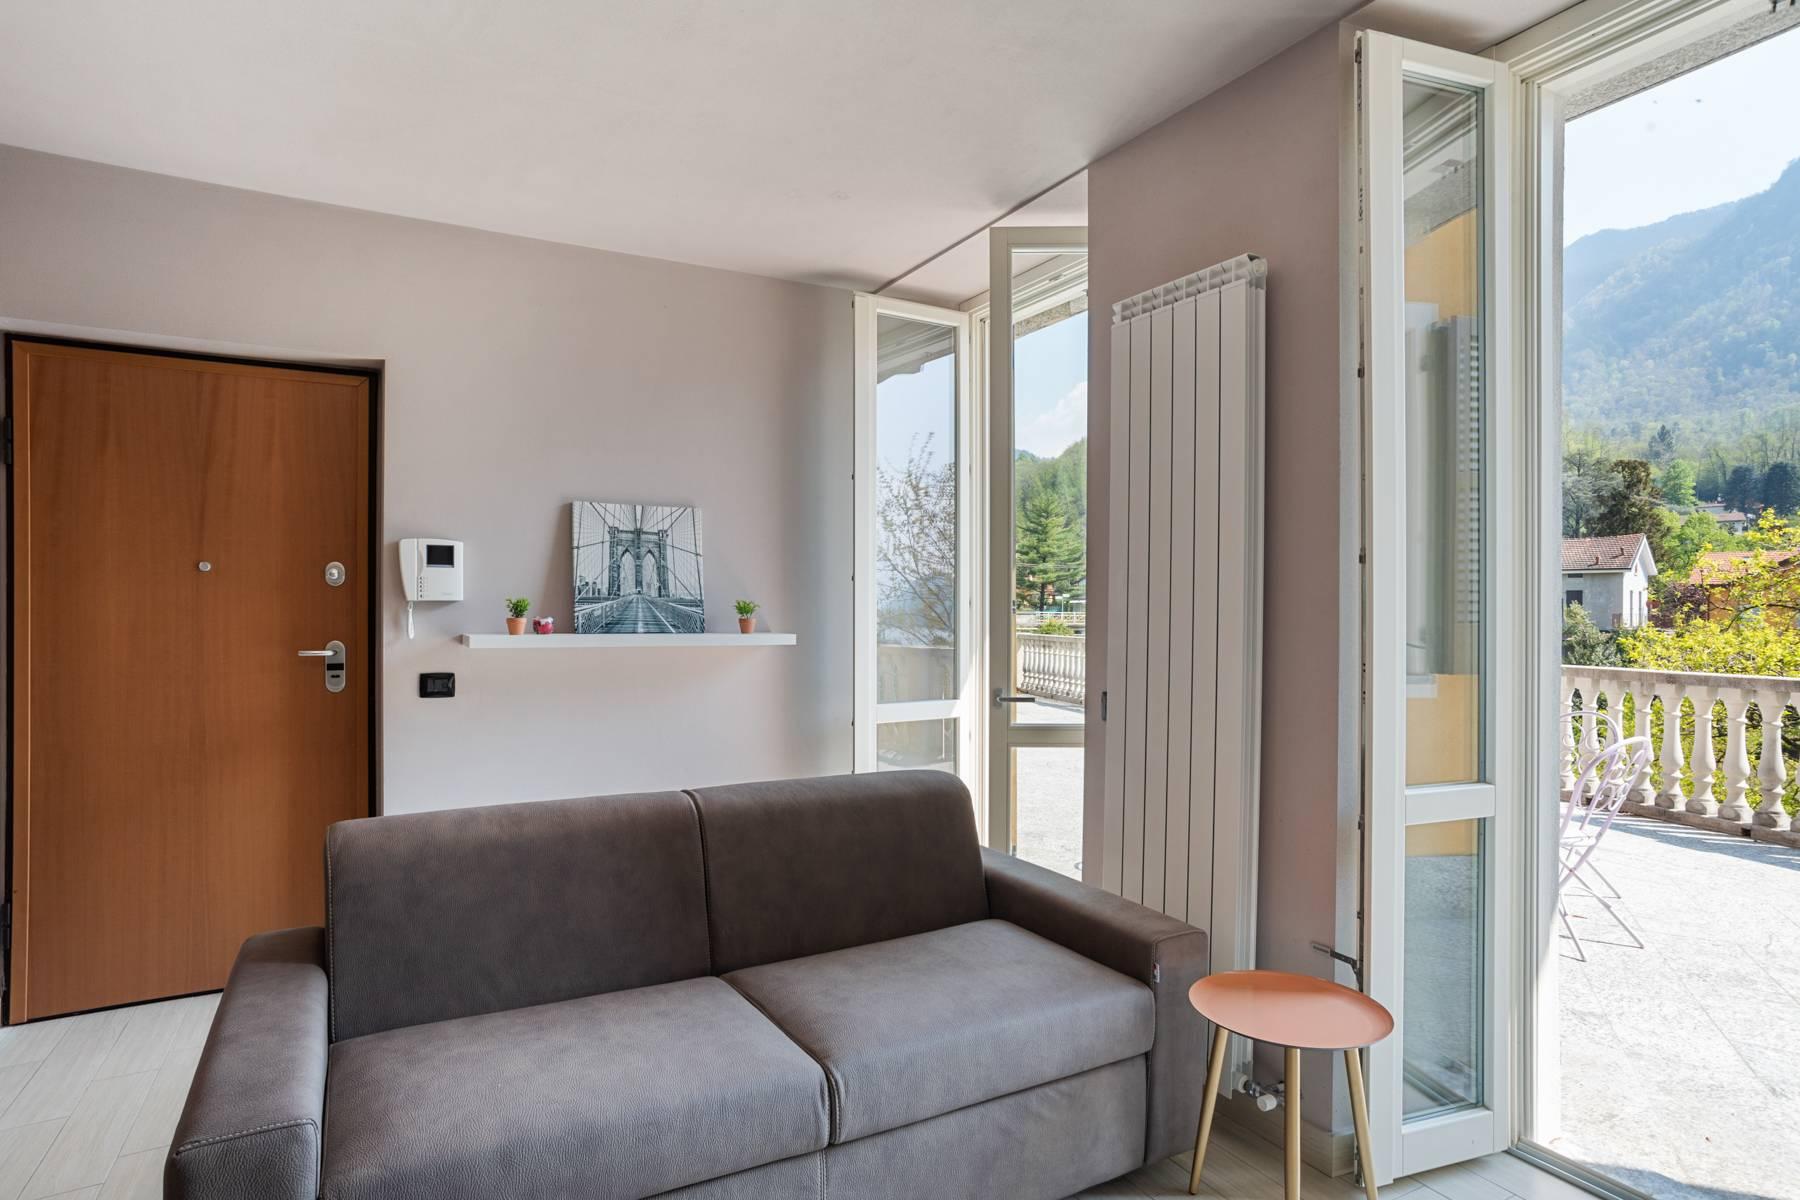 Appartamento in Vendita a Castelveccana: 3 locali, 95 mq - Foto 6